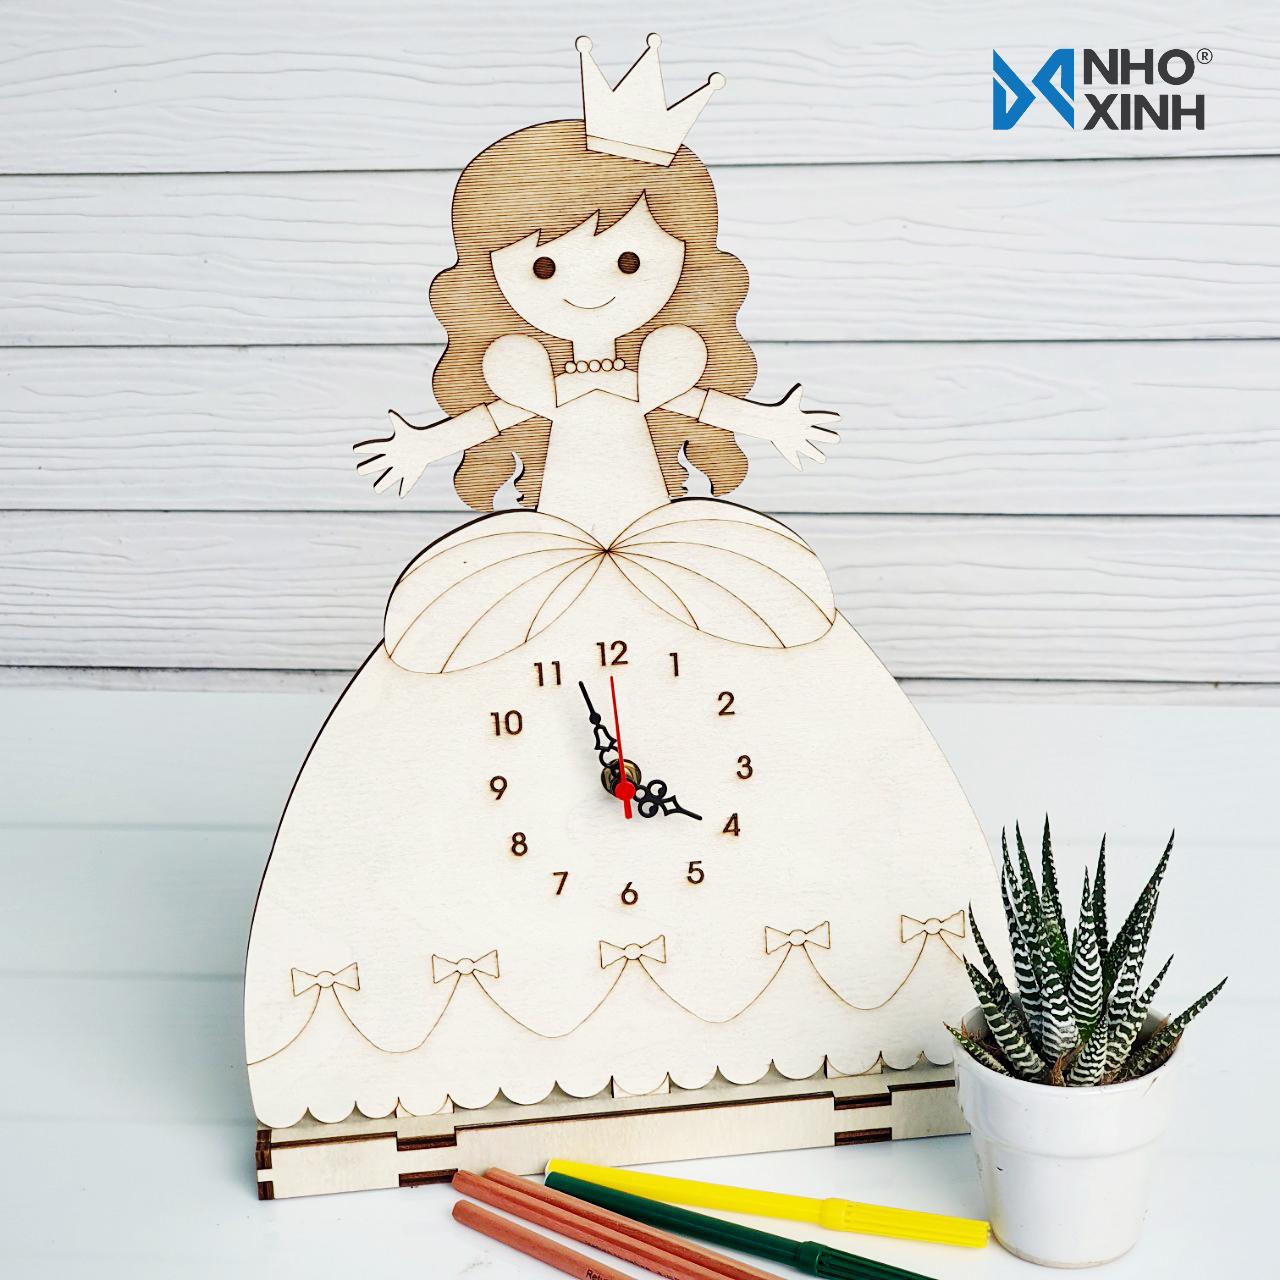 Đồng hồ để bàn công chúa - Quà tặng bé gái, trang trí bàn học, bàn làm việc, phòng khách